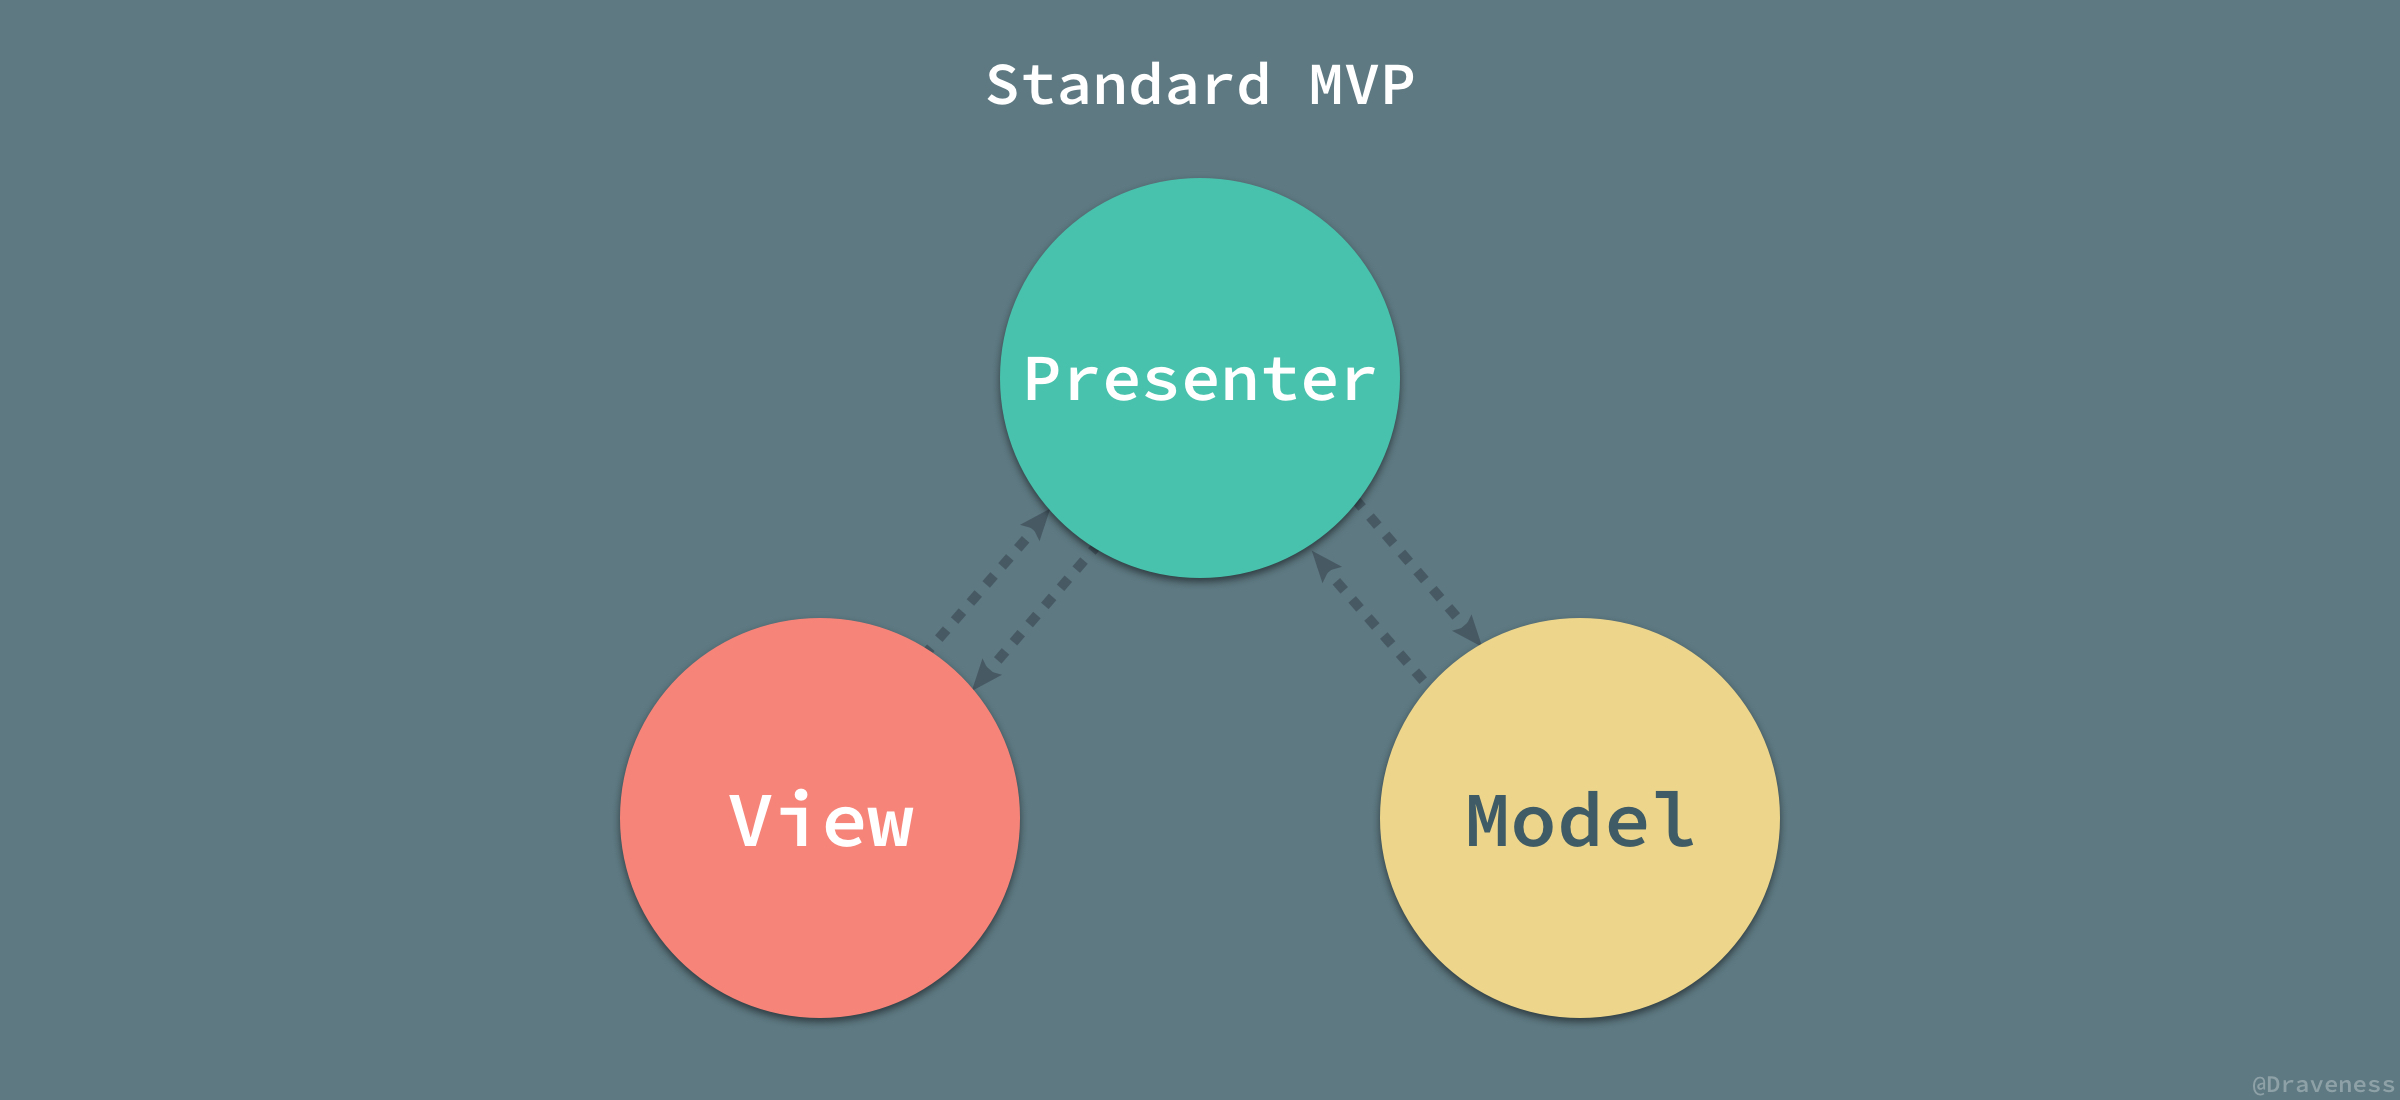 Standard-MVP